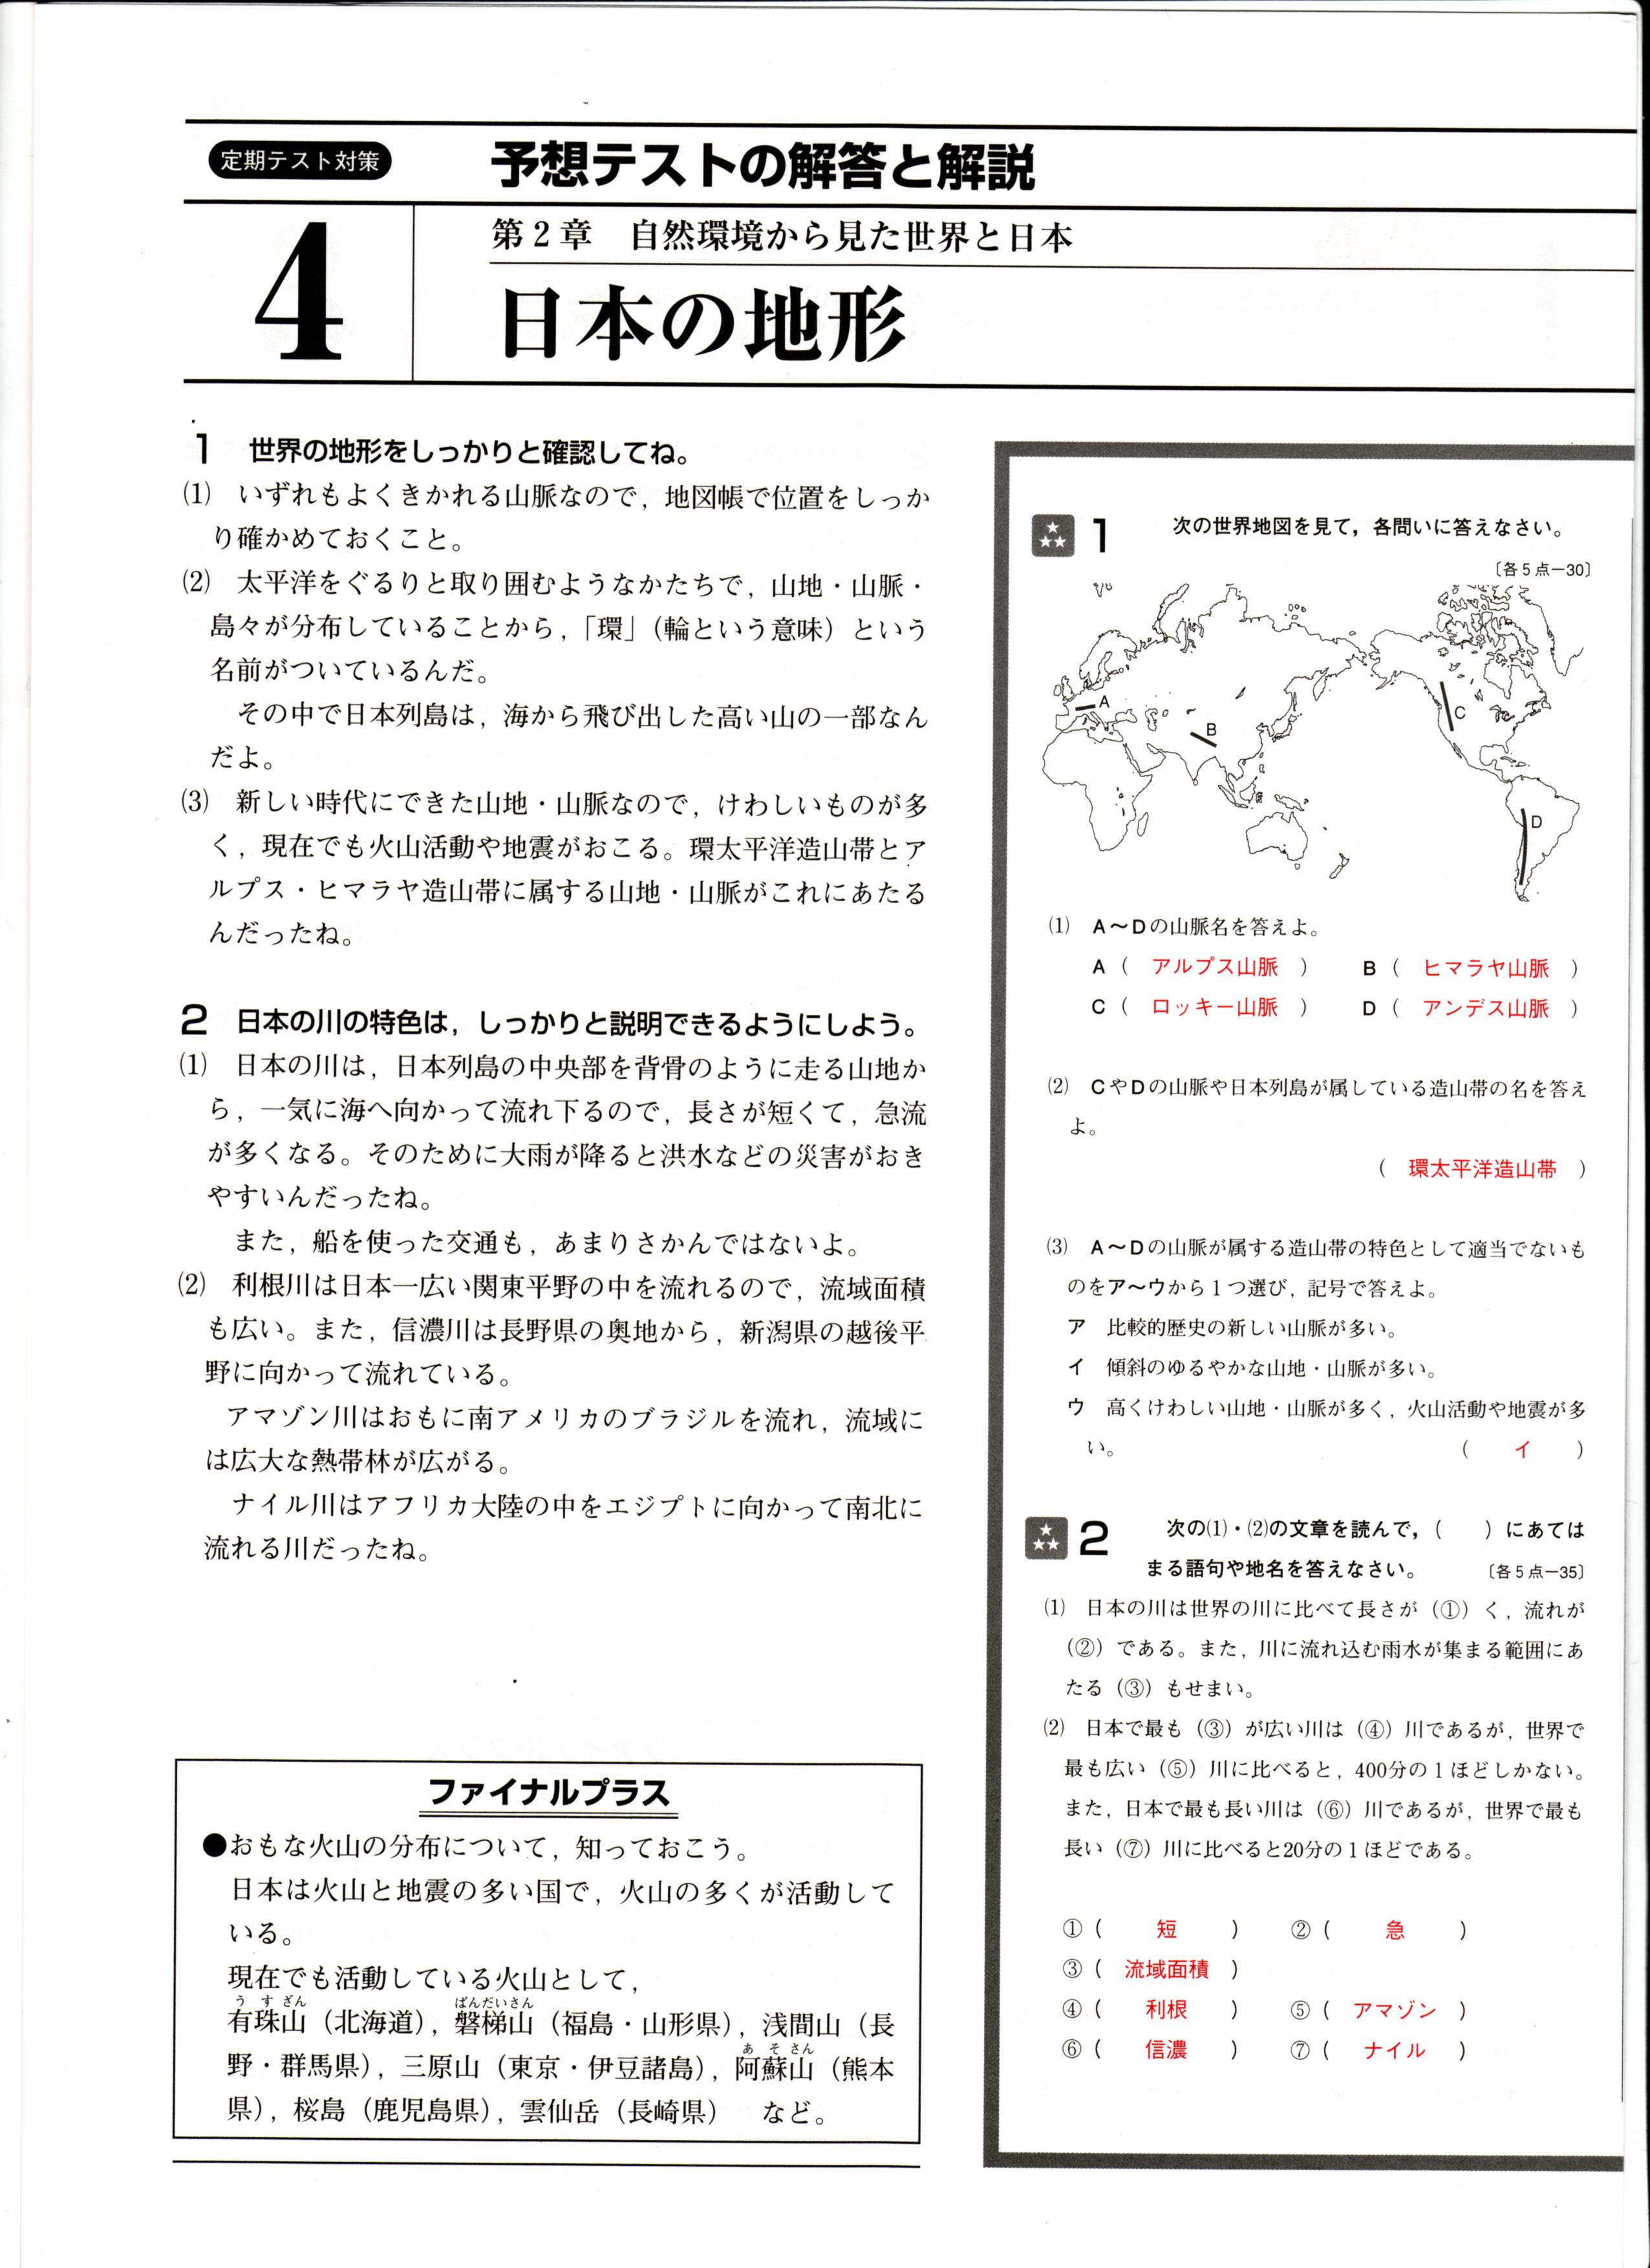 デイリーエースナビ社会定期テスト対策解答・解説 地理②